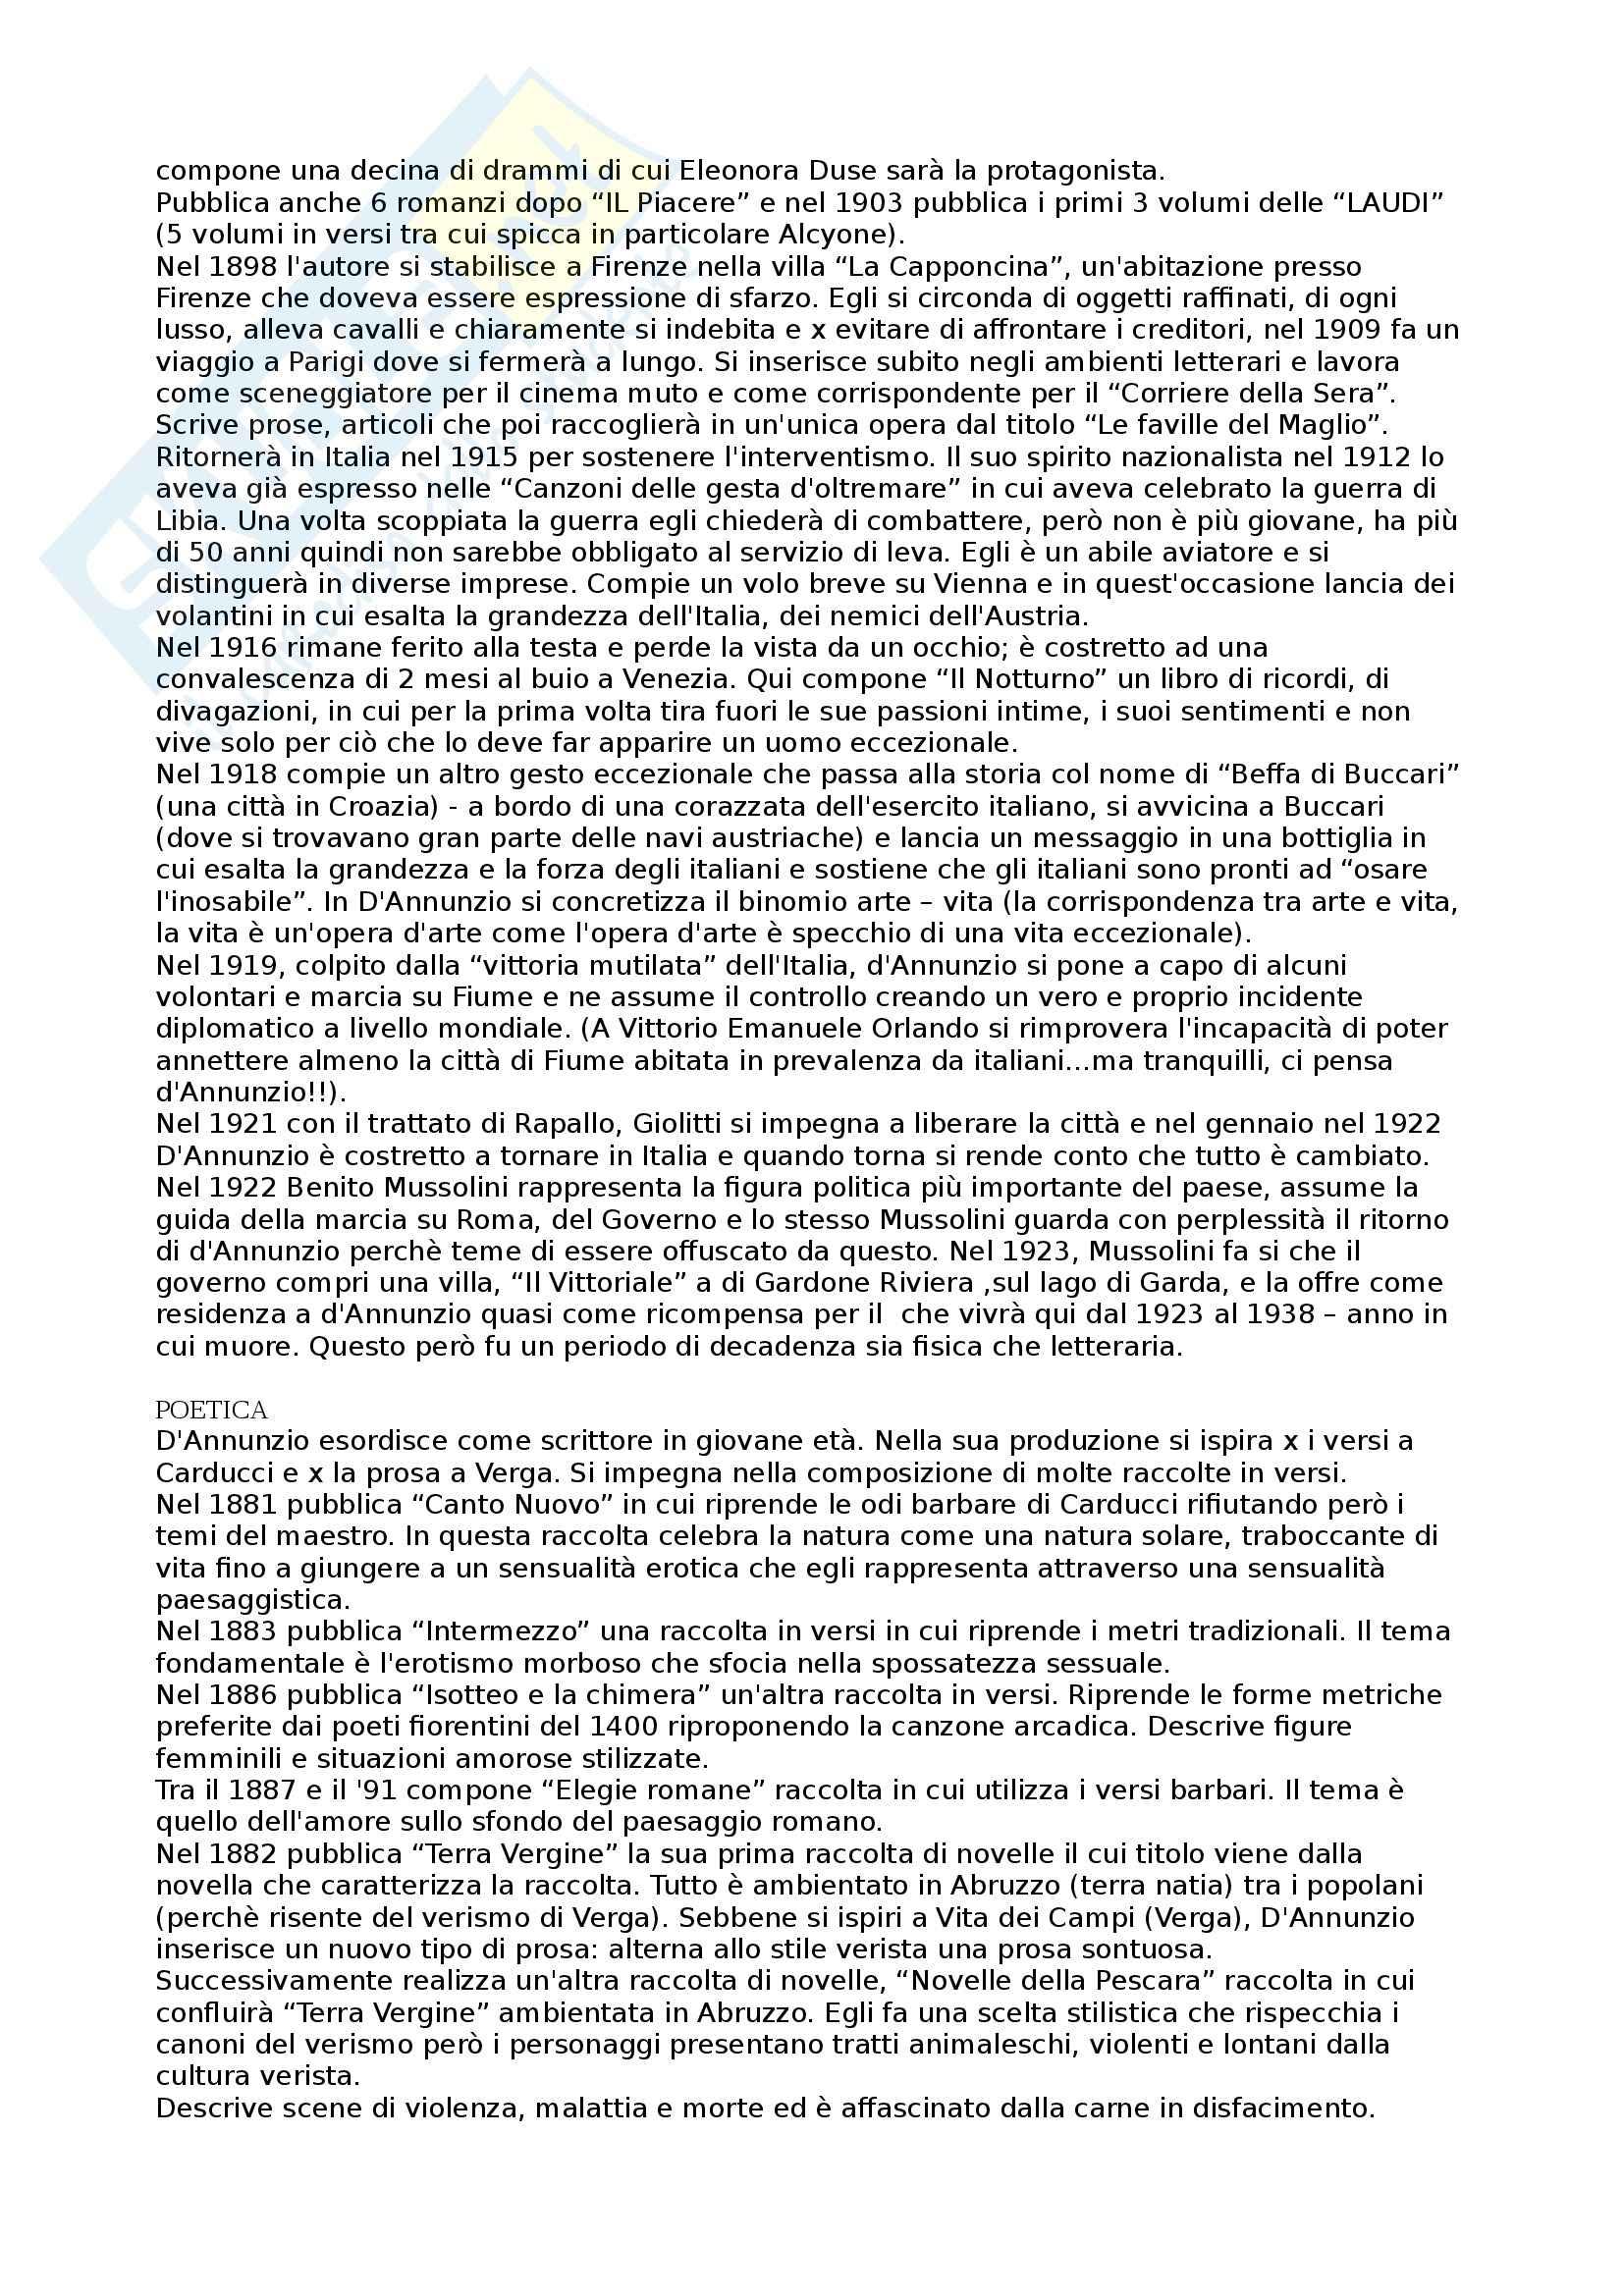 Letteratura italiana -Gabriele D'Annunzio Pag. 2